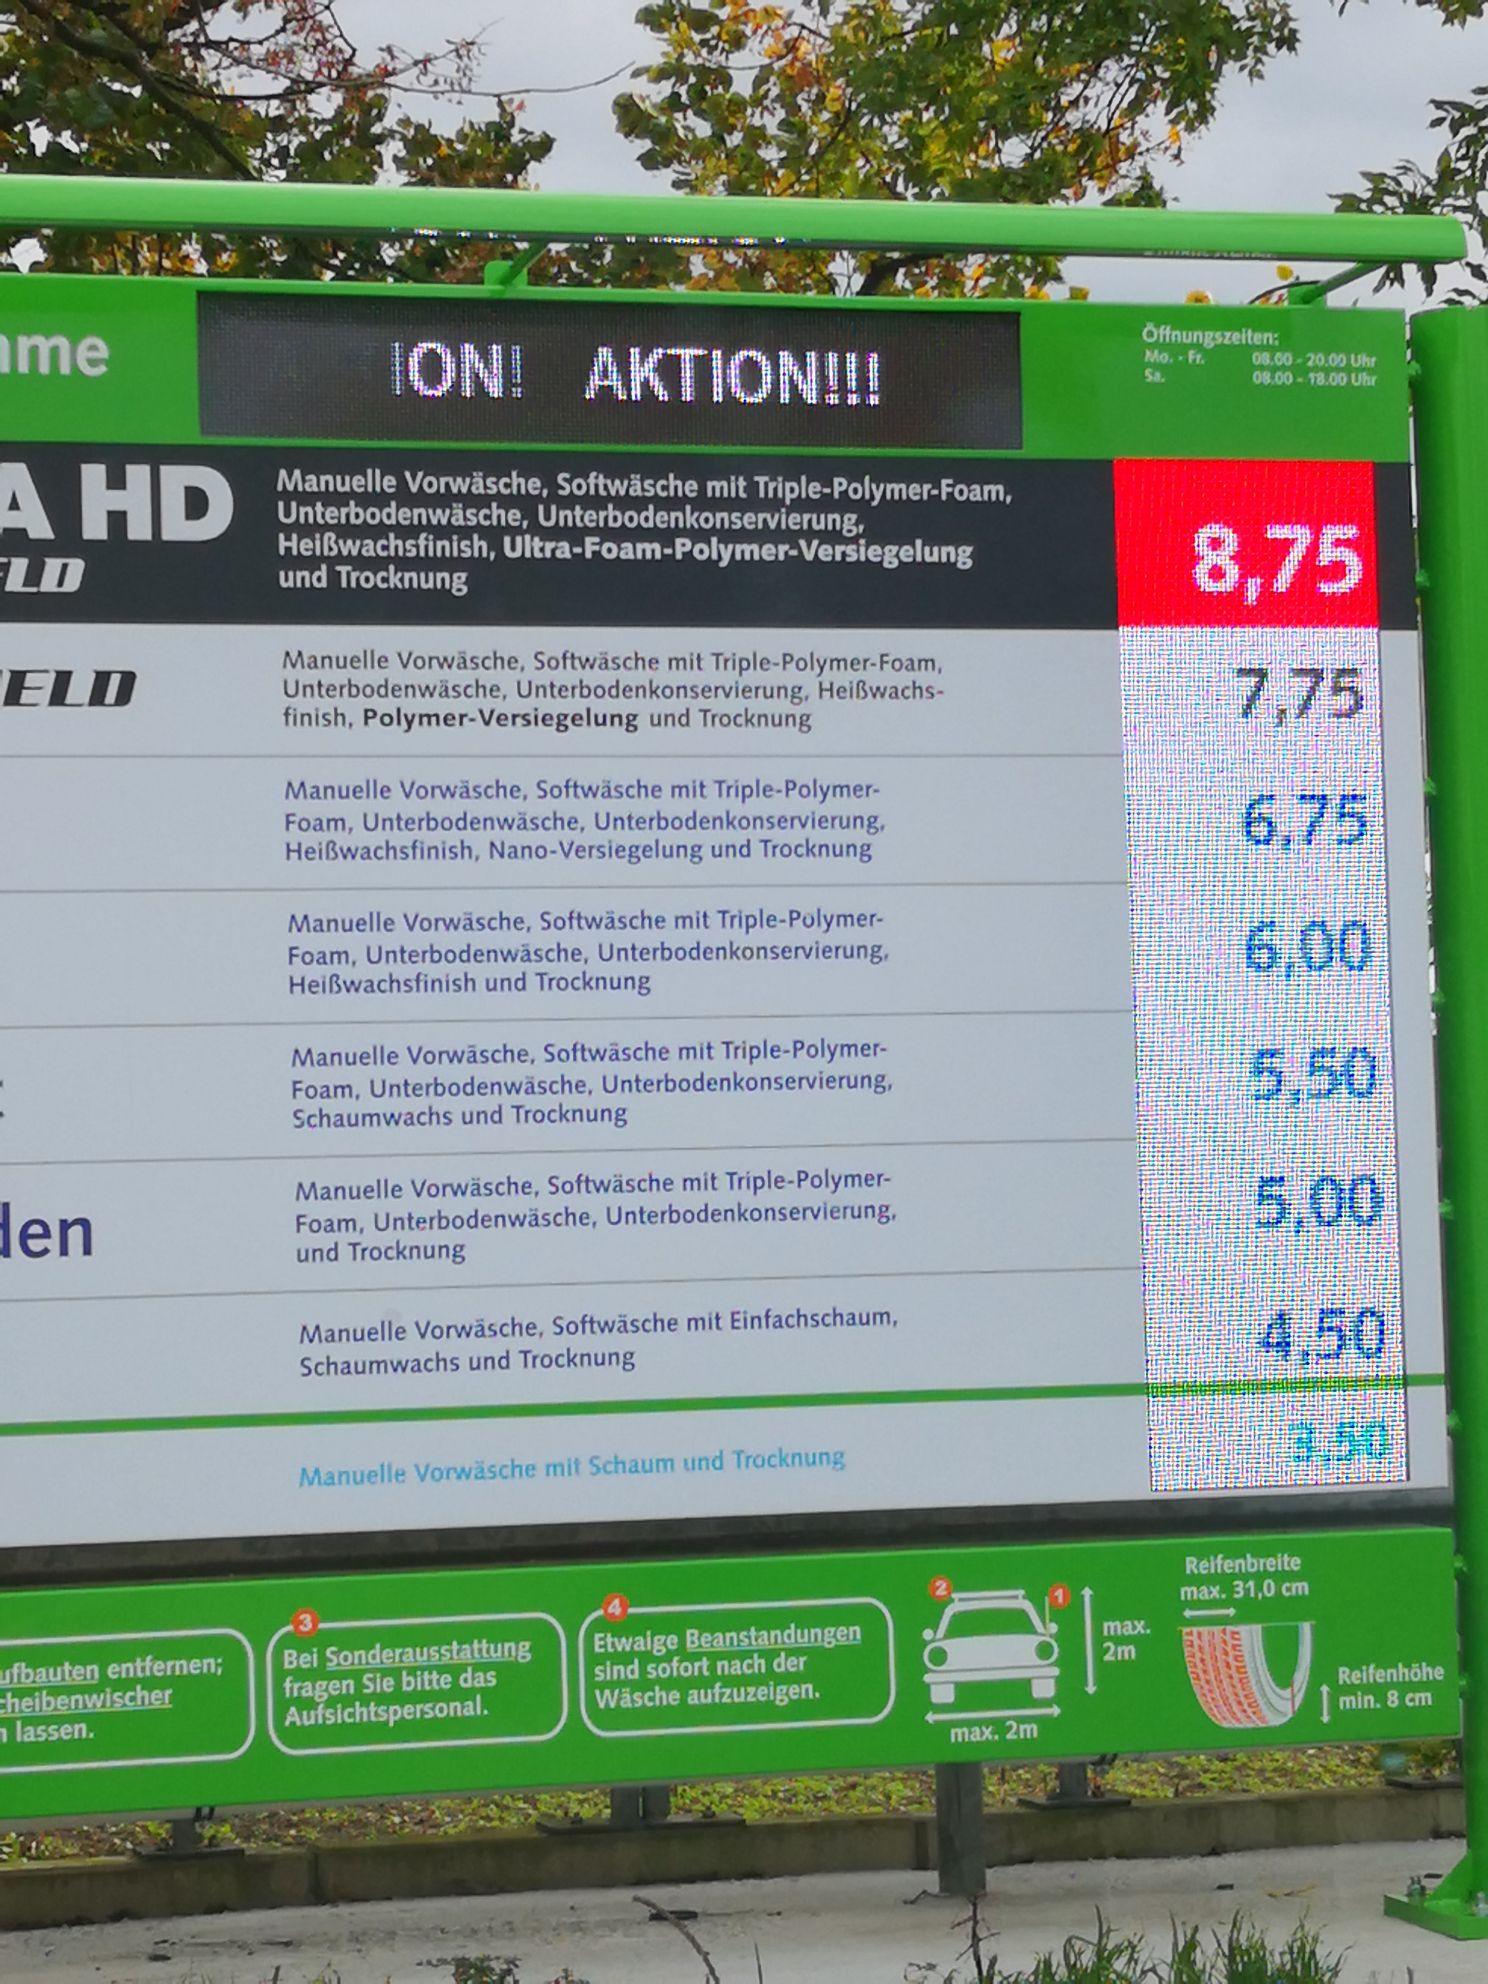 IMO Waschstraße 50% Cranger Str. 160, 45891 Gelsenkirchen